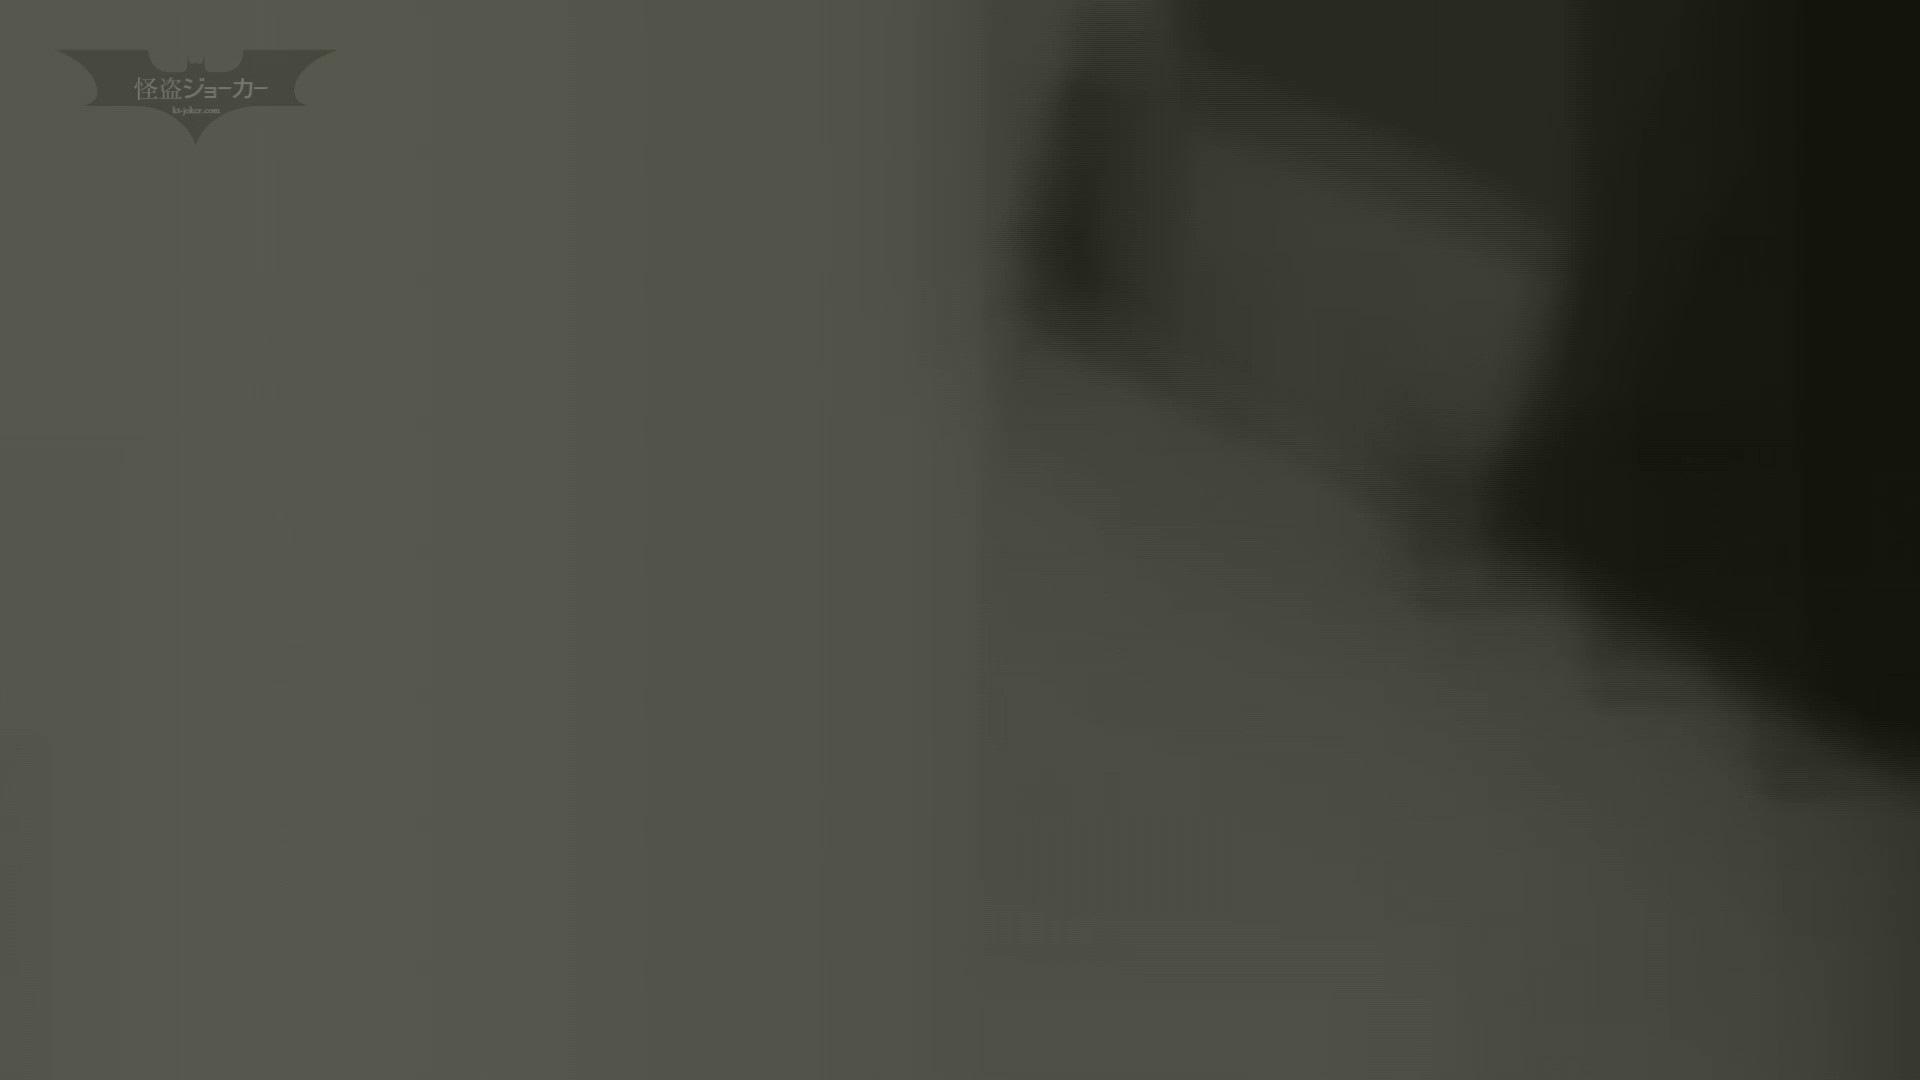 下からノゾム vol.030 びしょびしょの連続、お尻半分濡れるほど、 高画質  68PIX 48